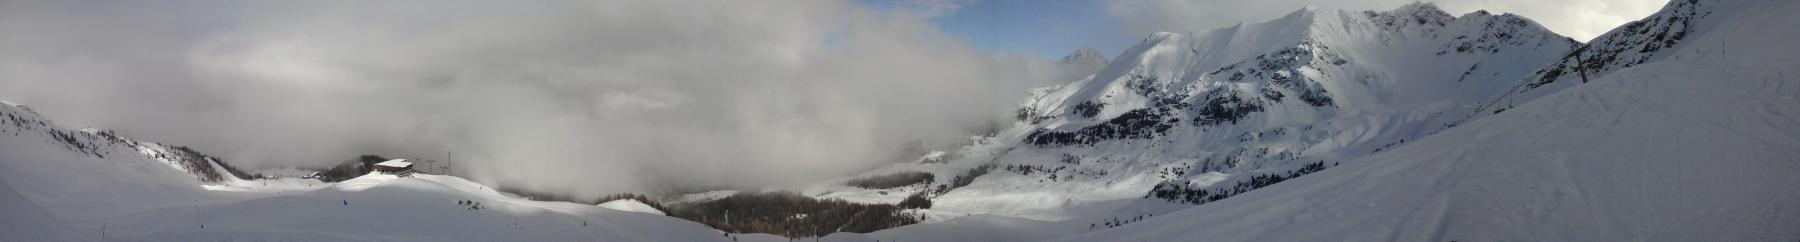 nebbia e neve in basso,schiarita promettente in alto...